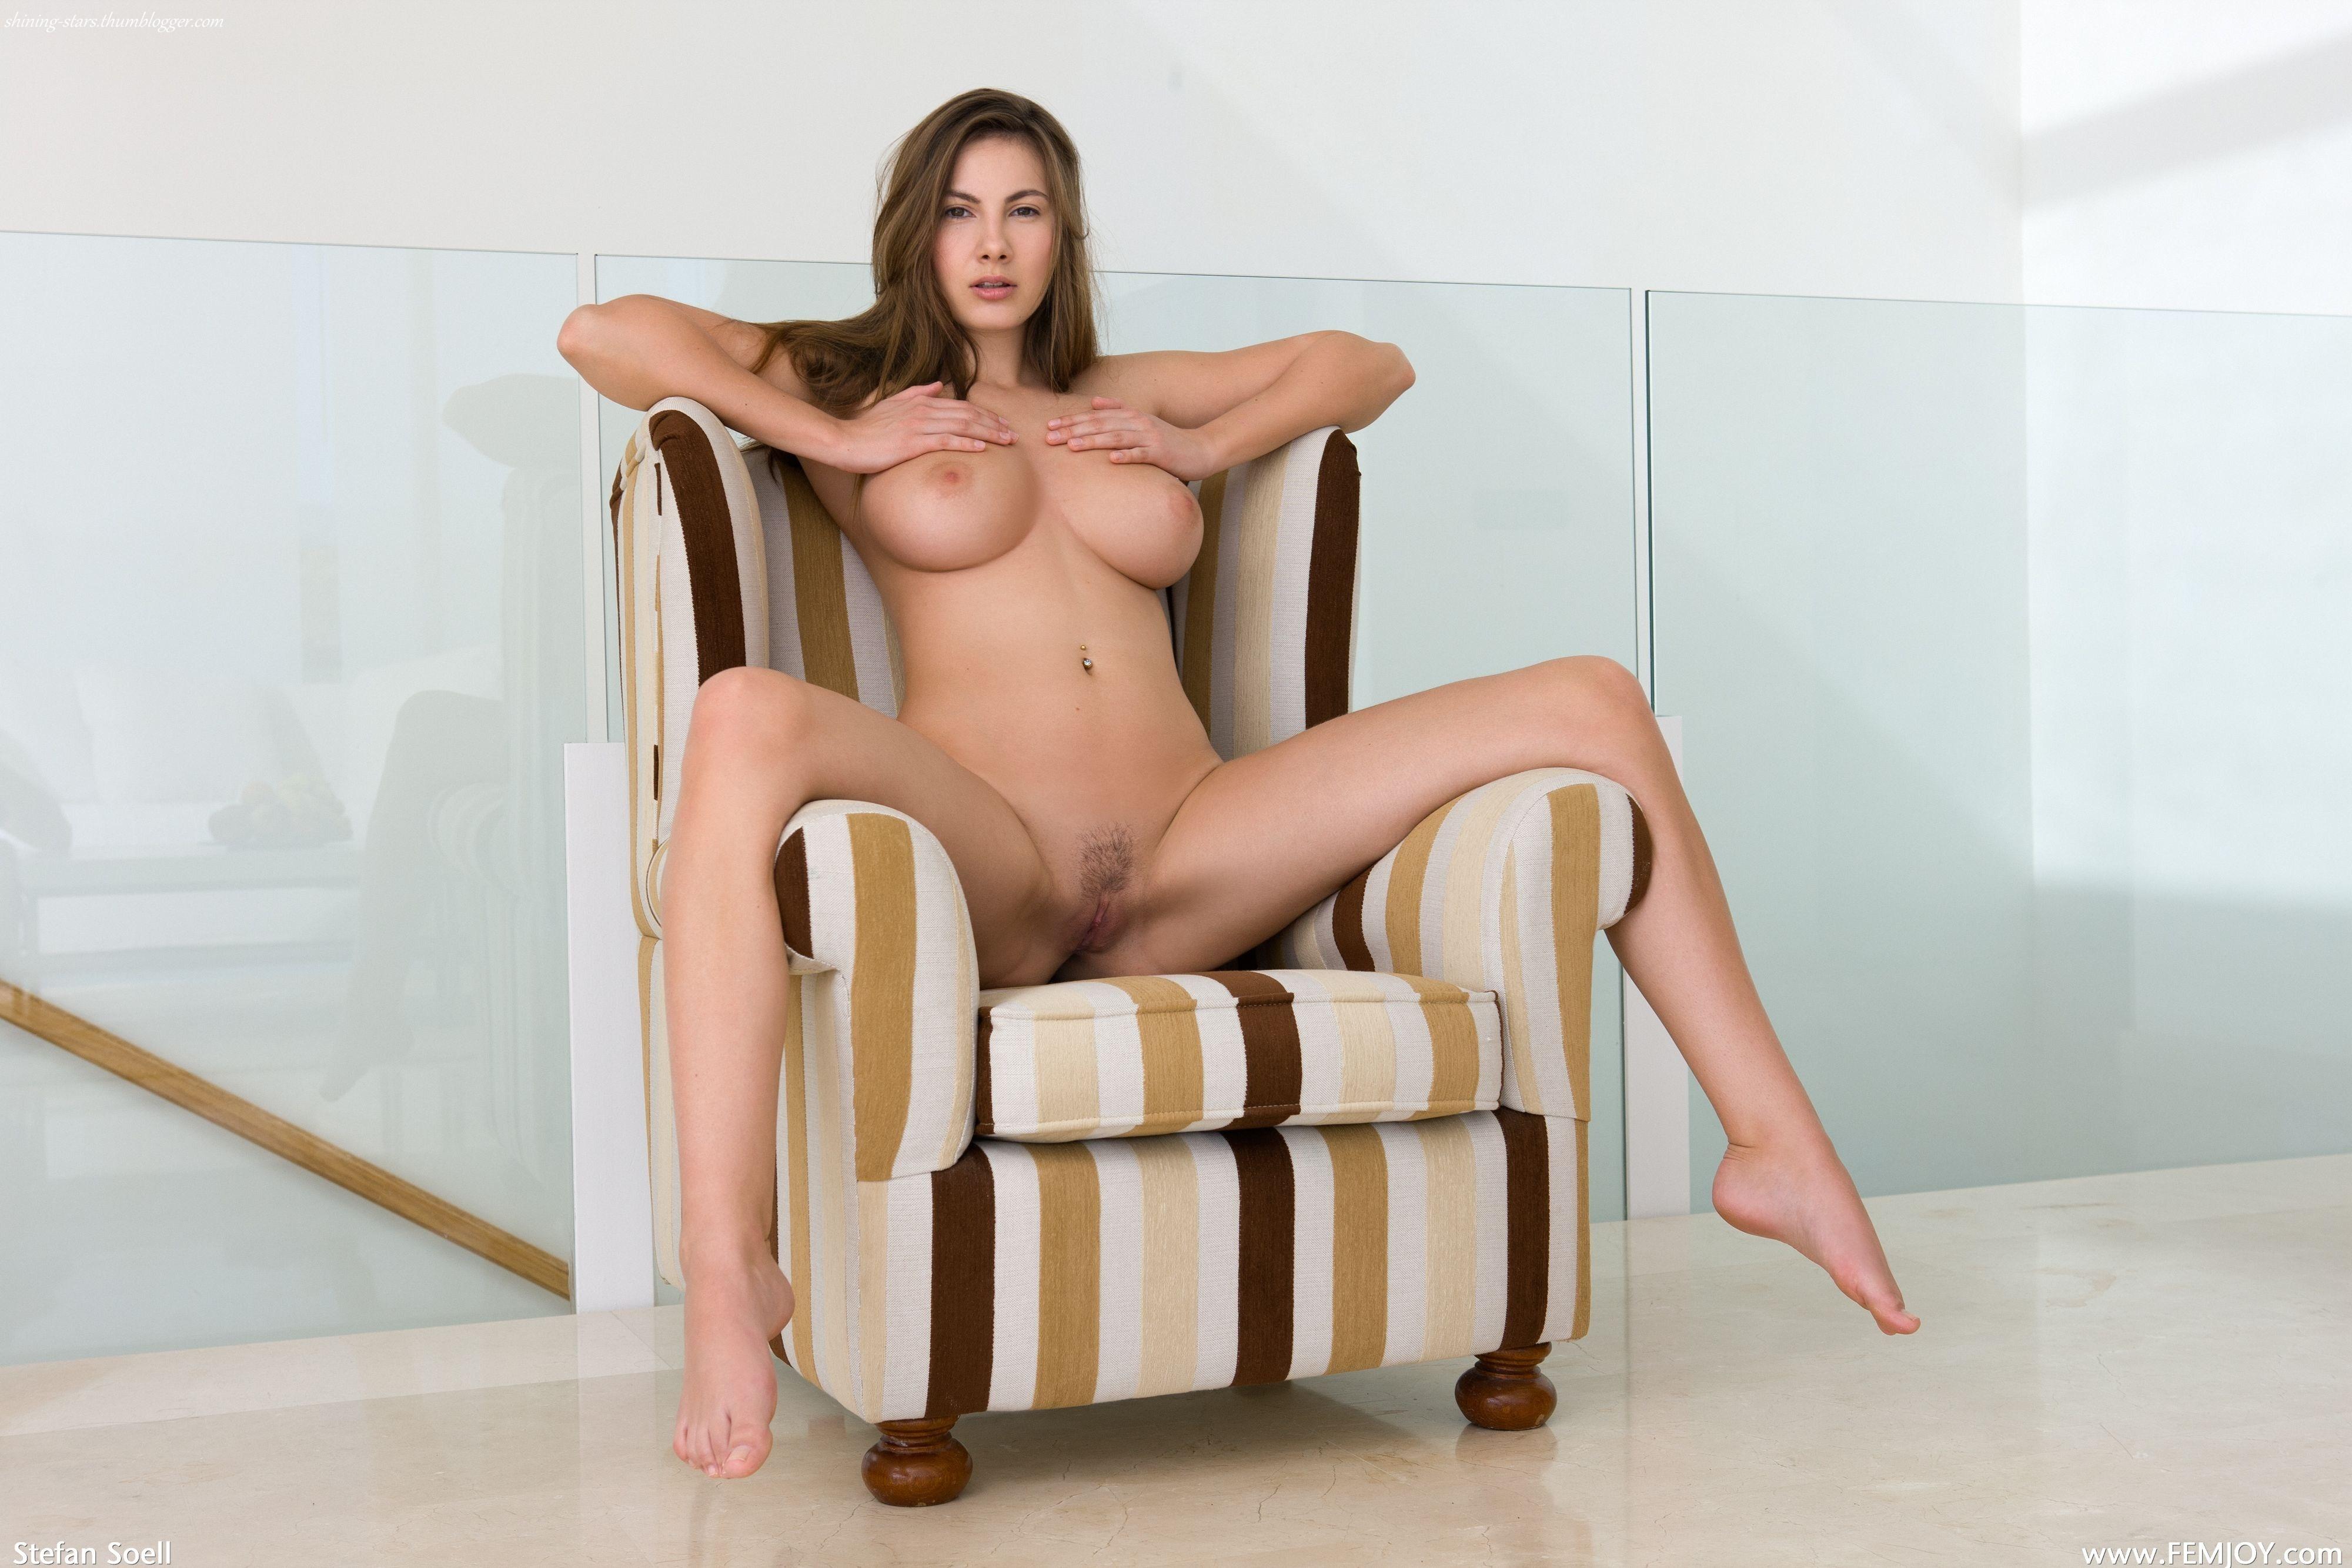 Смотреть онлайн conny dior порно 7 фотография